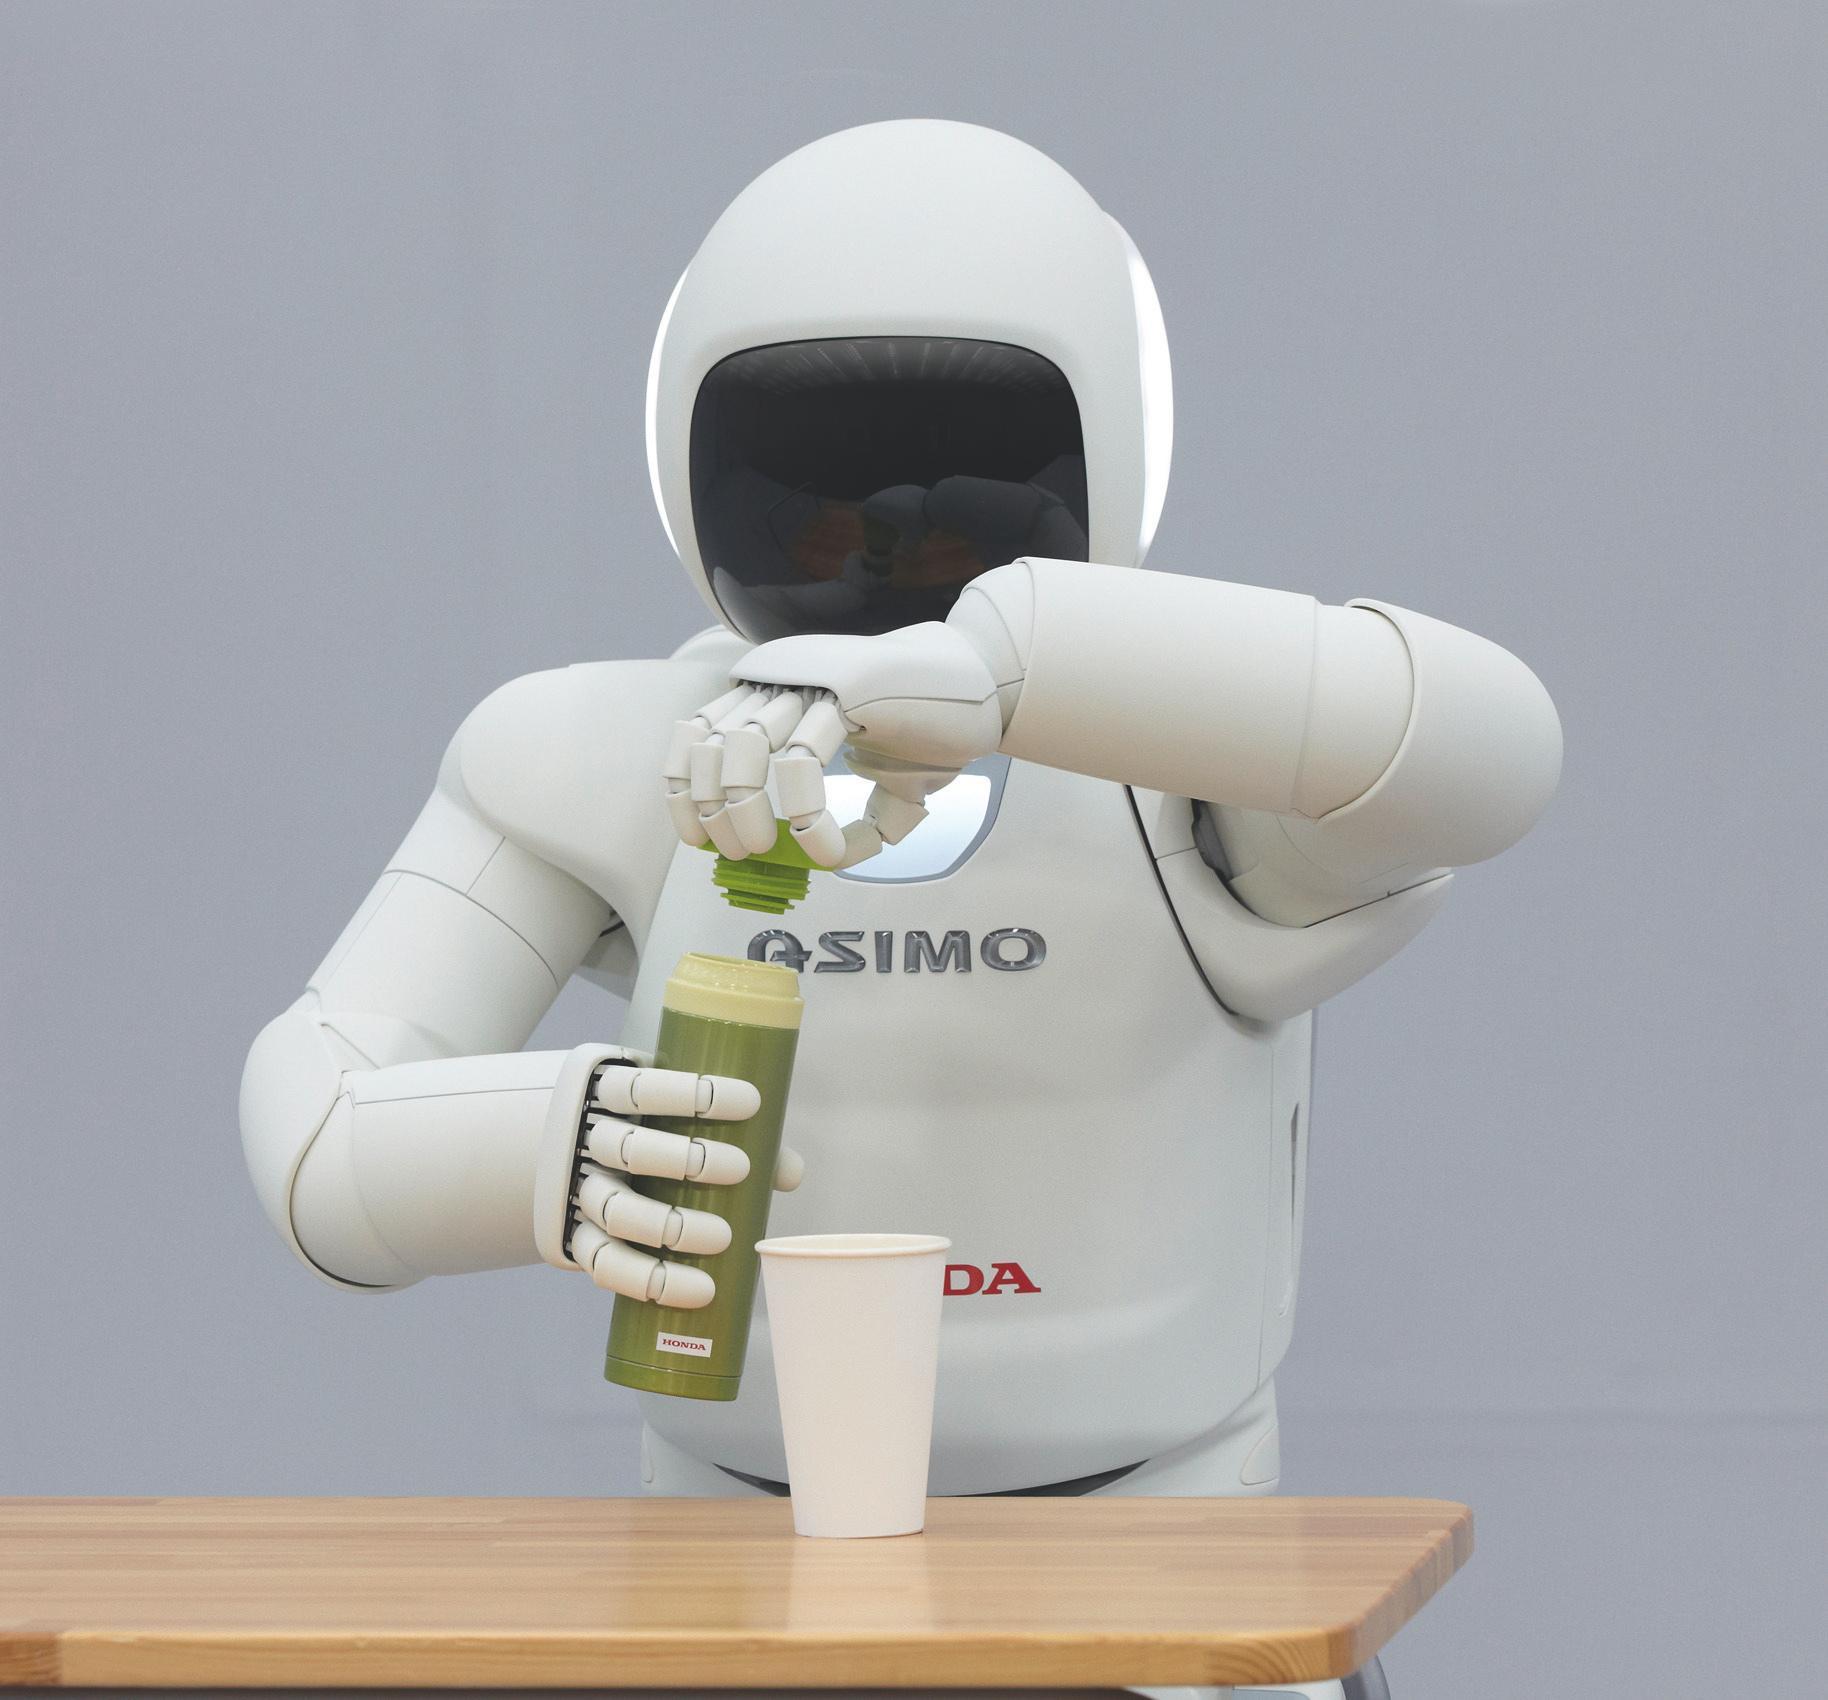 Nye ASIMO er i stand til å skru av korken på flasker.Foto: Honda